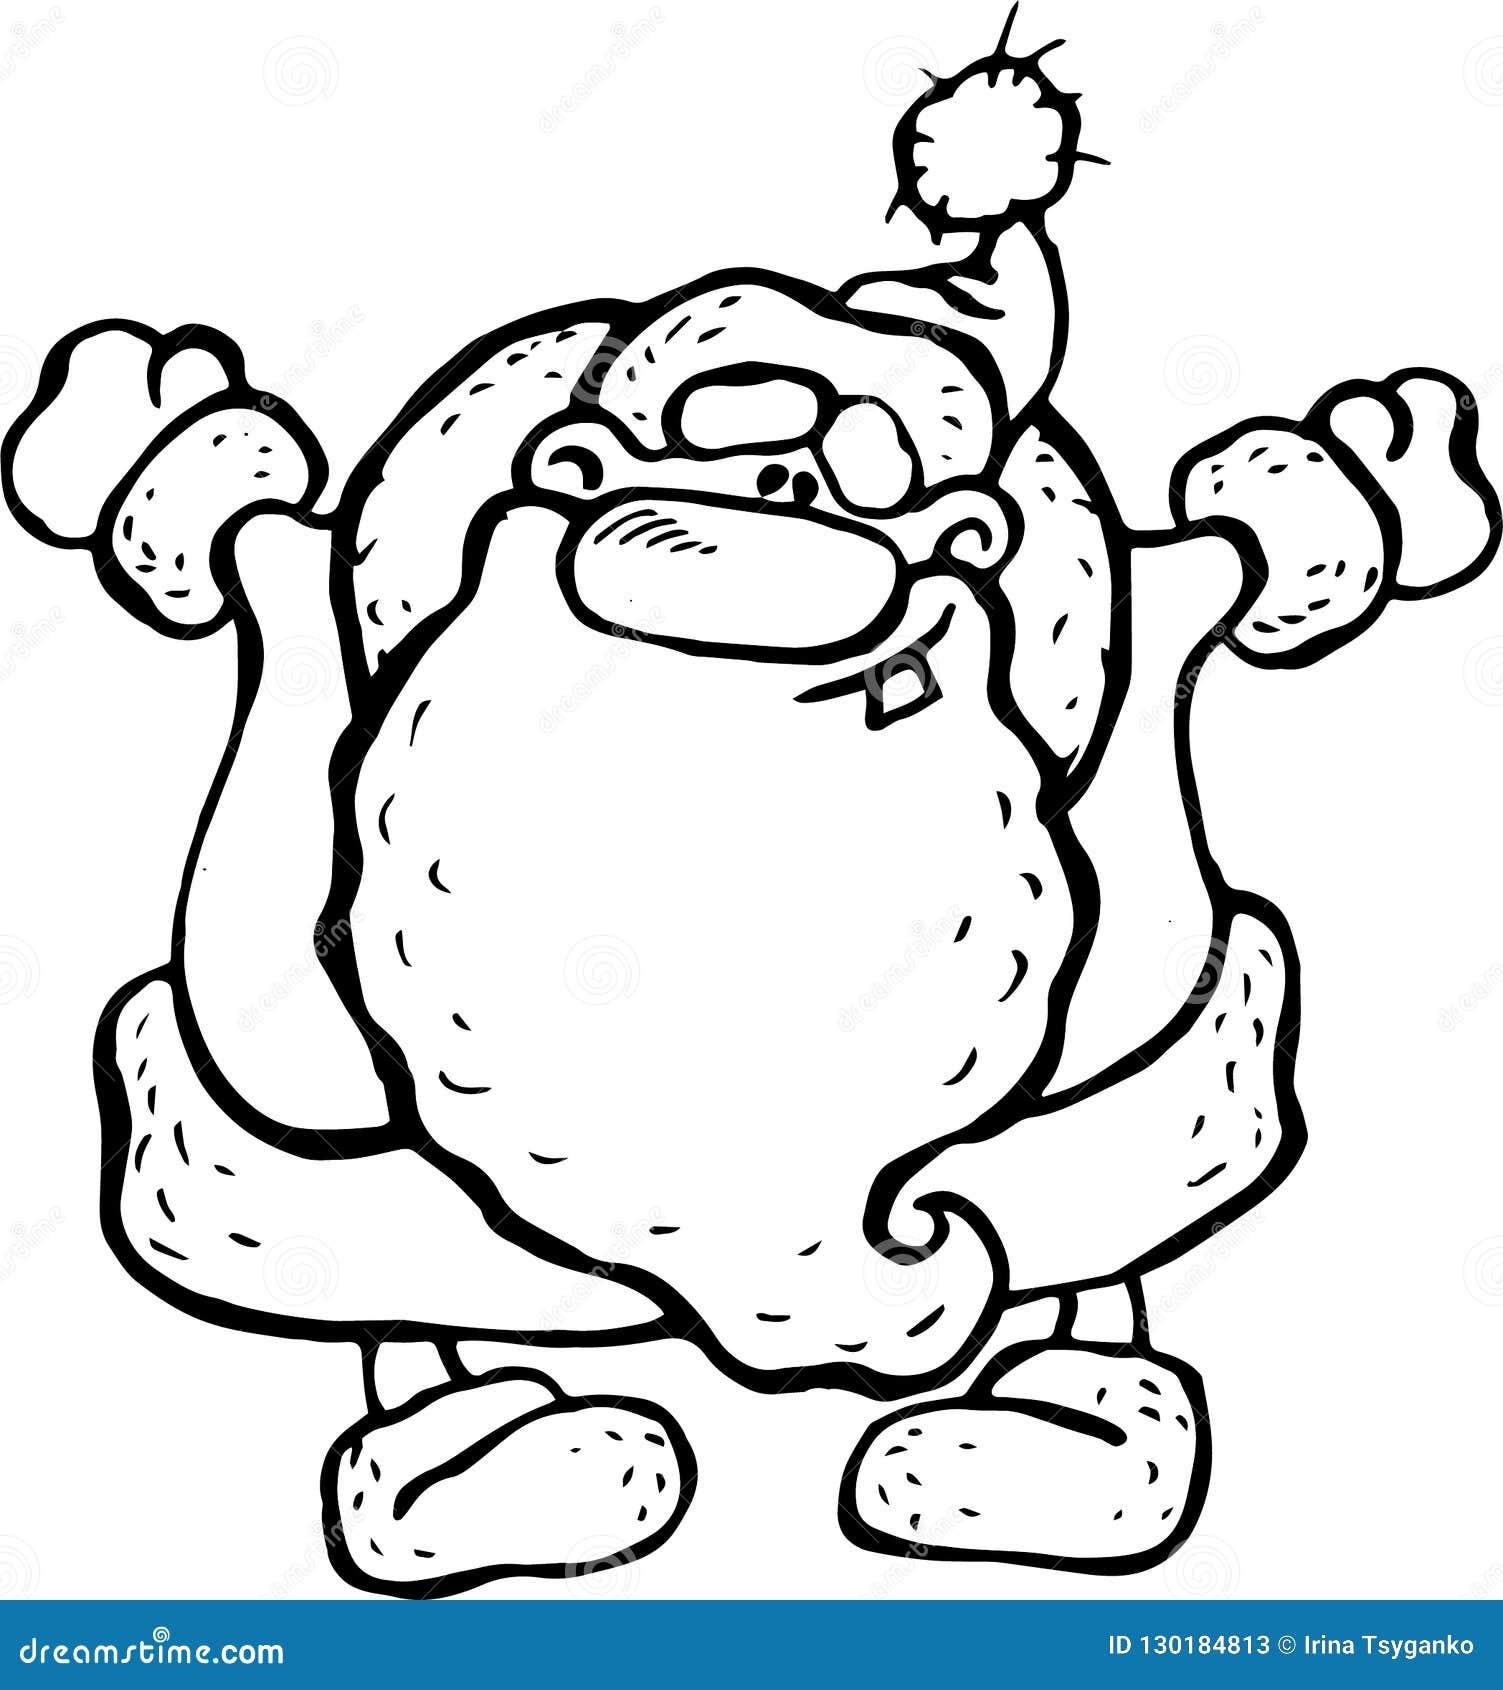 Διάνυσμα, απεικόνιση, Άγιος Βασίλης, γραπτή εικόνα, χαρά, αγκάλιασμα, χαμόγελο, νέο έτος διακοπών